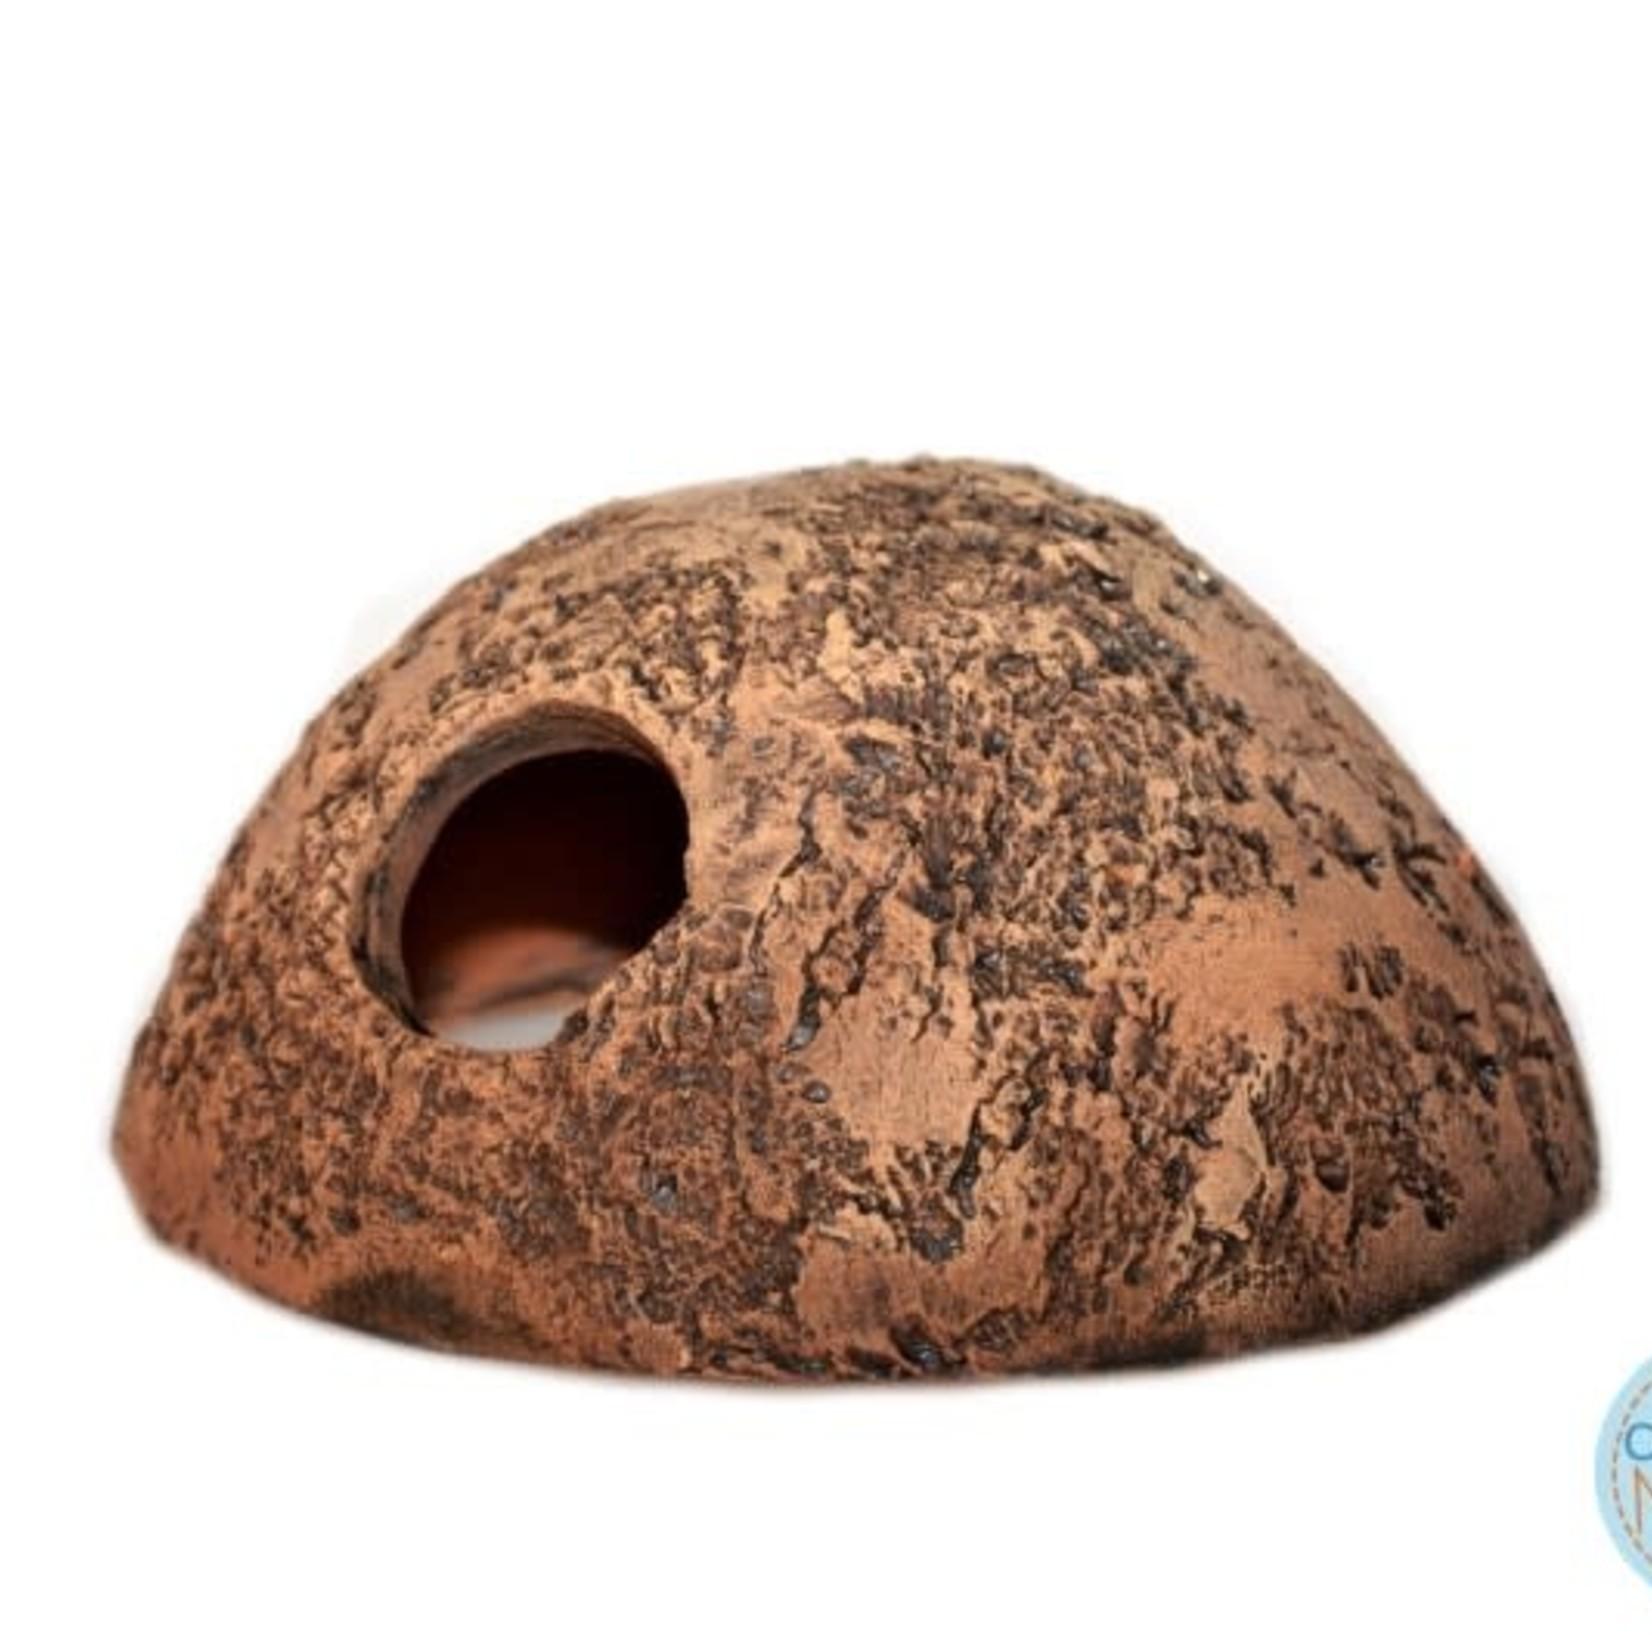 Ceramic Nature Iglu